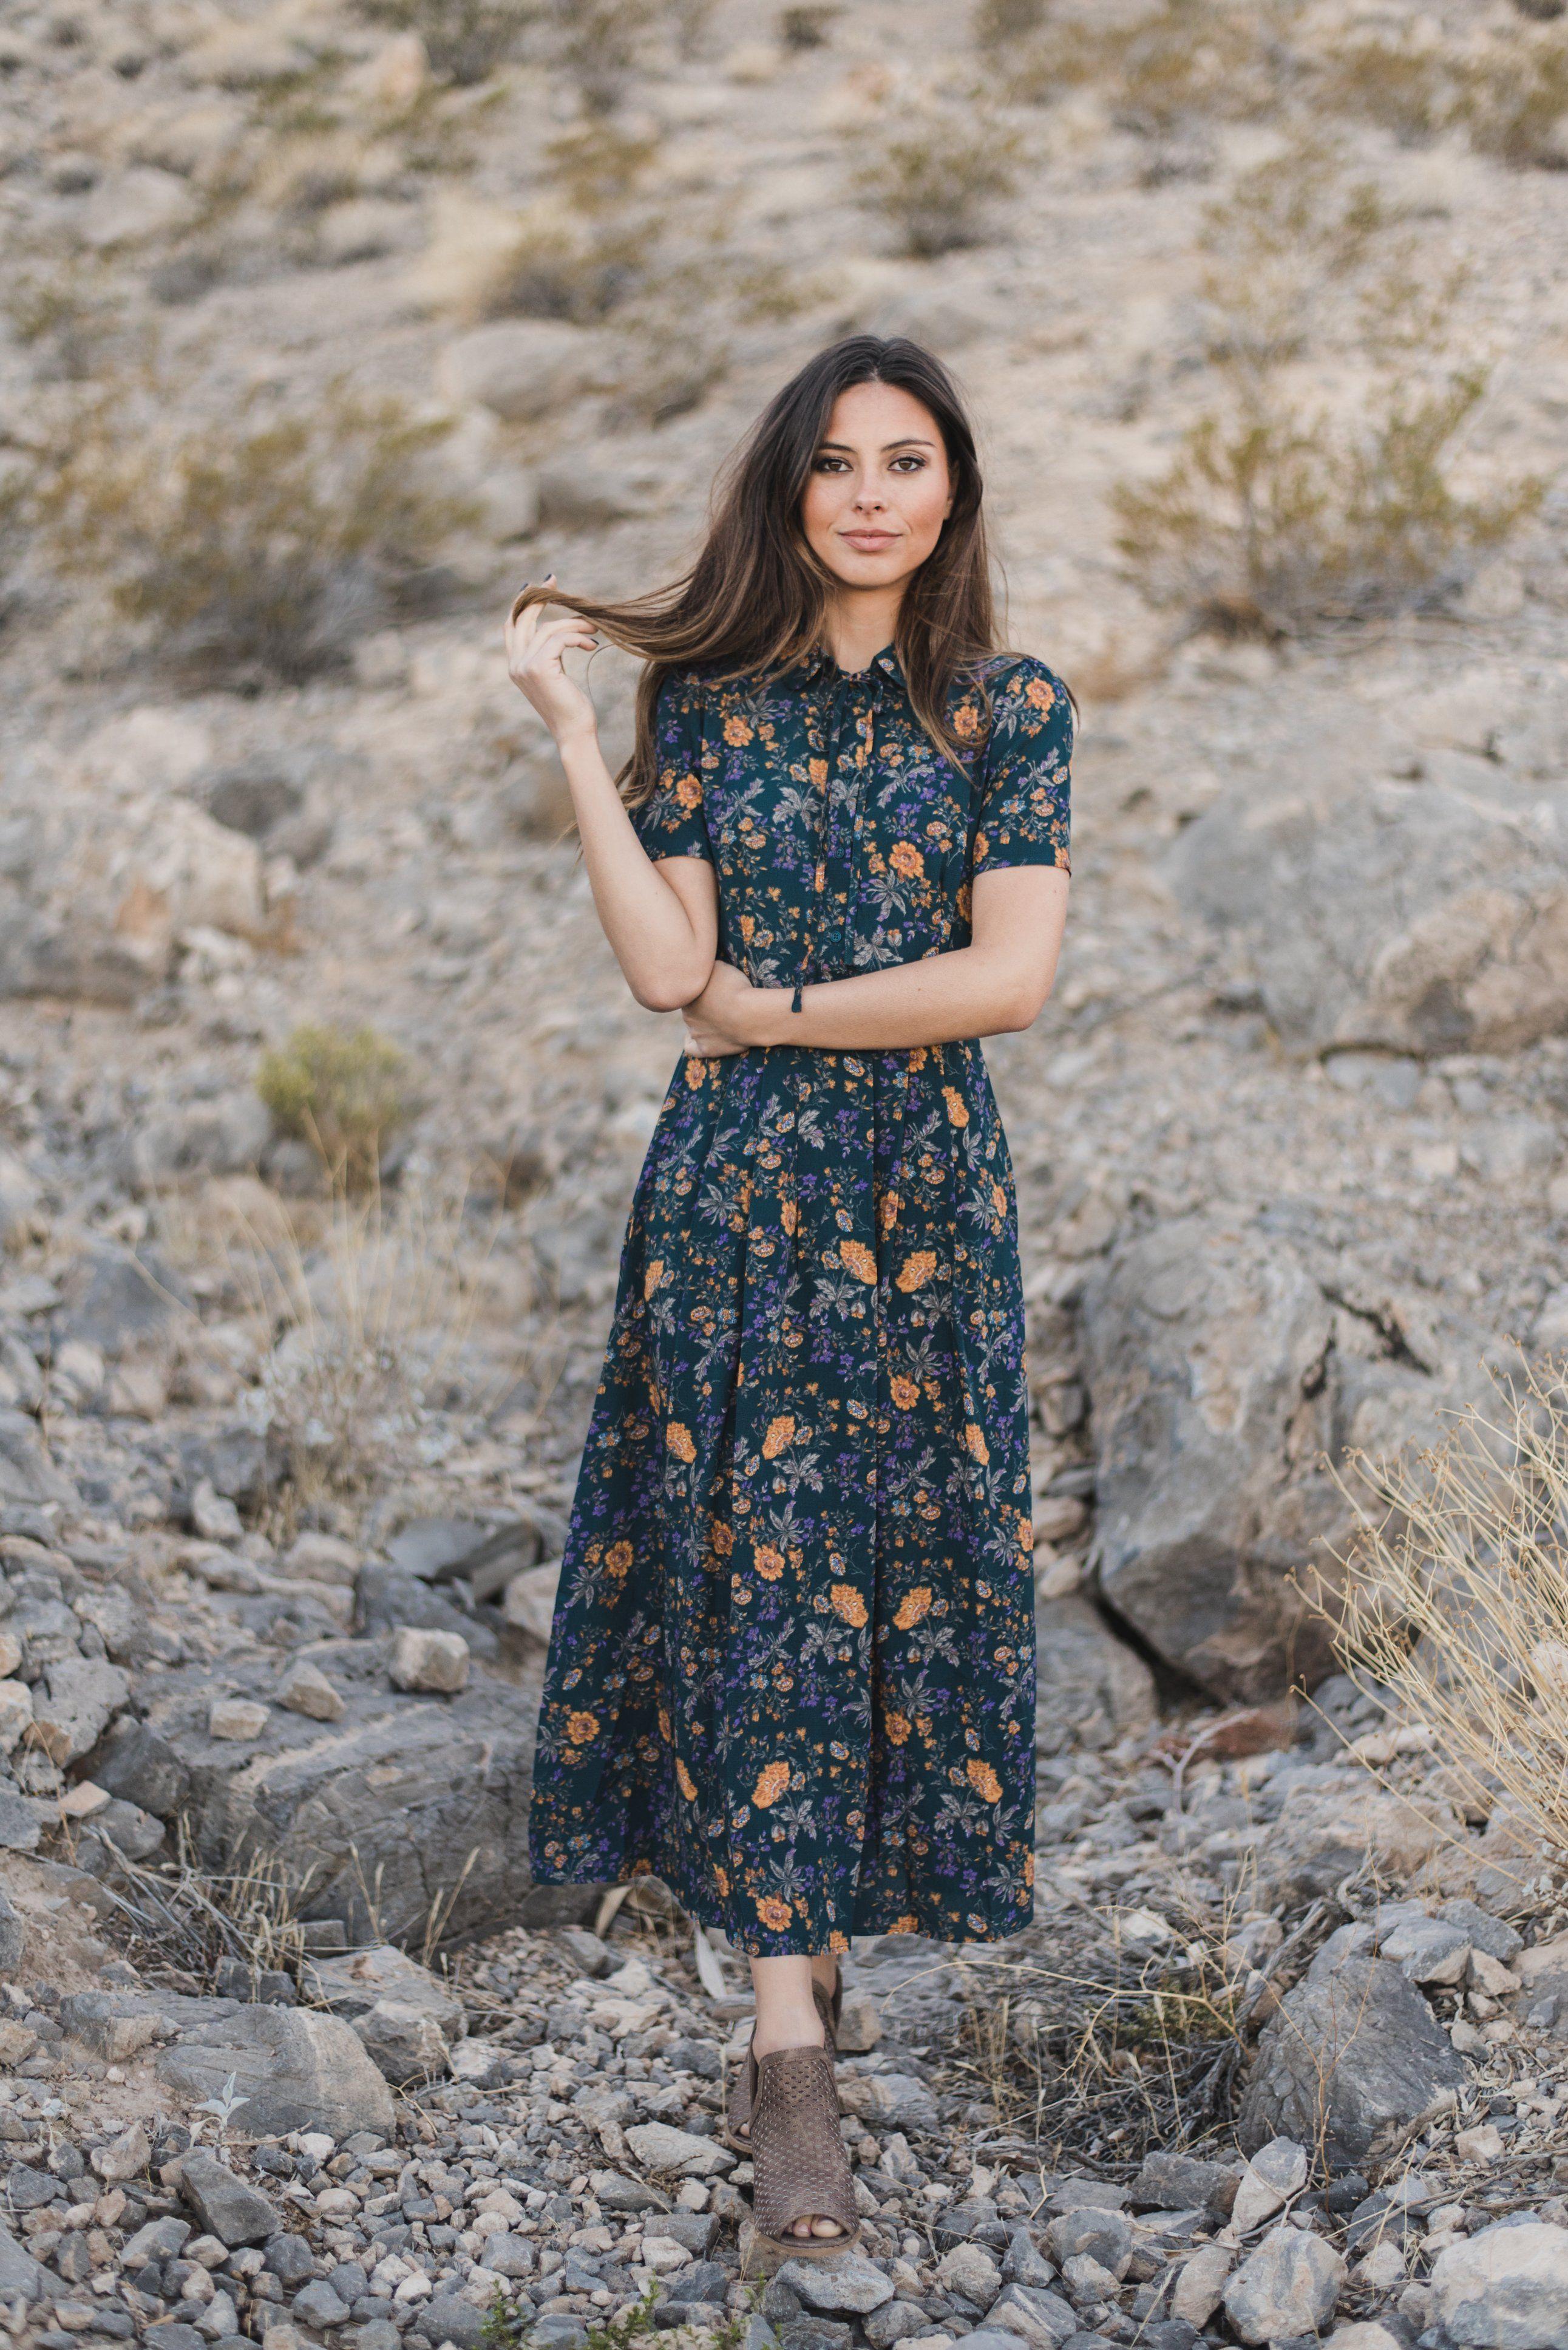 795b9615f1d5 THE ADELINE FLORAL MIDI DRESS | Pink Desert Fall | Floral midi dress ...